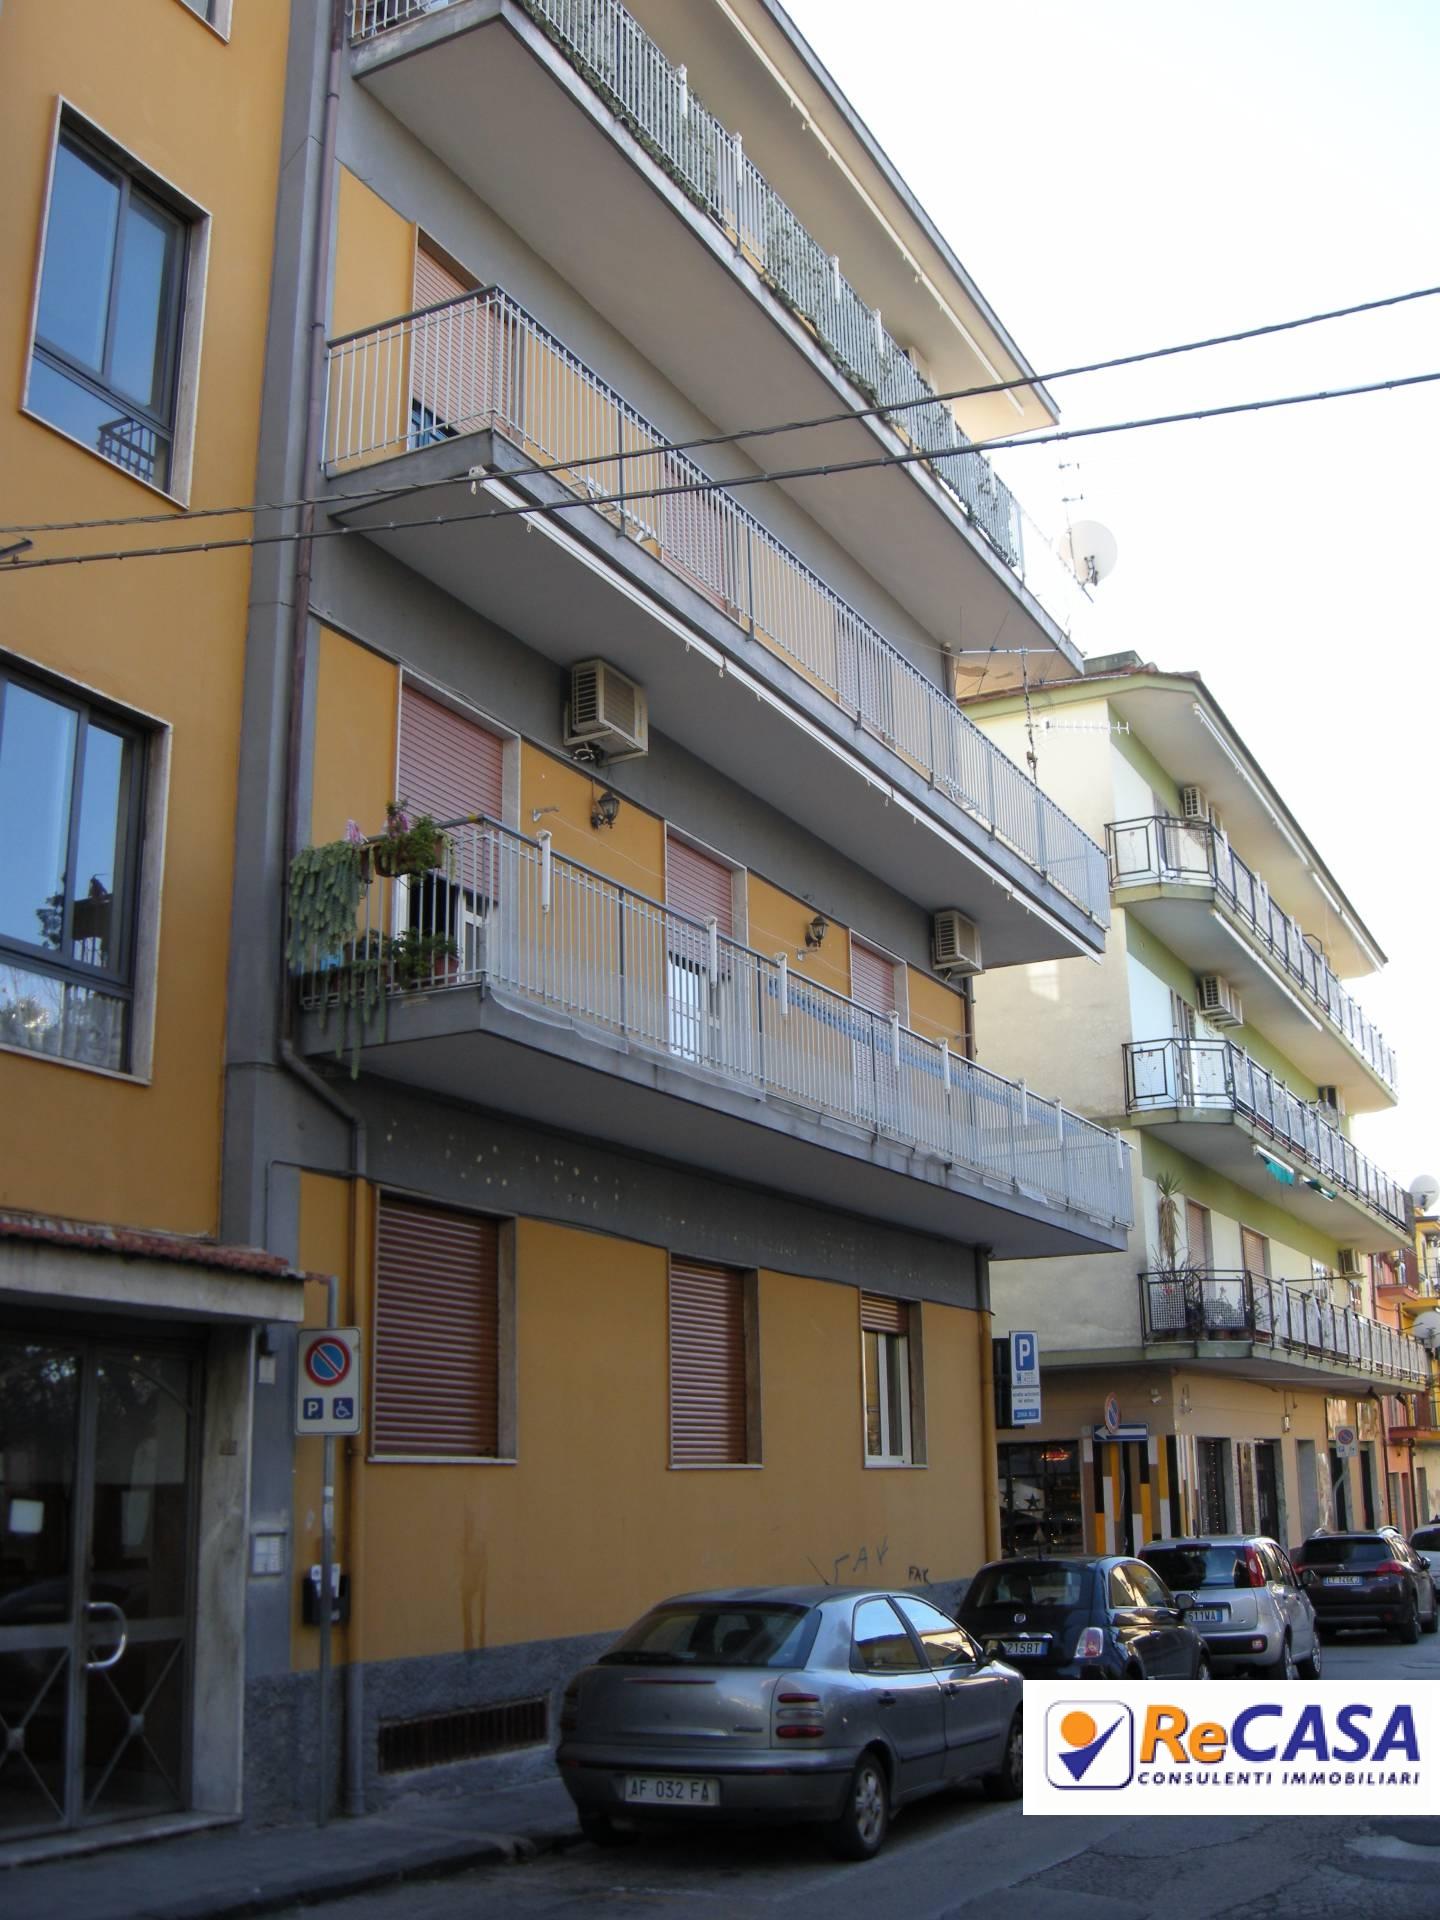 Appartamento in affitto a Bellizzi, 3 locali, zona Località: Centro, prezzo € 400   Cambio Casa.it